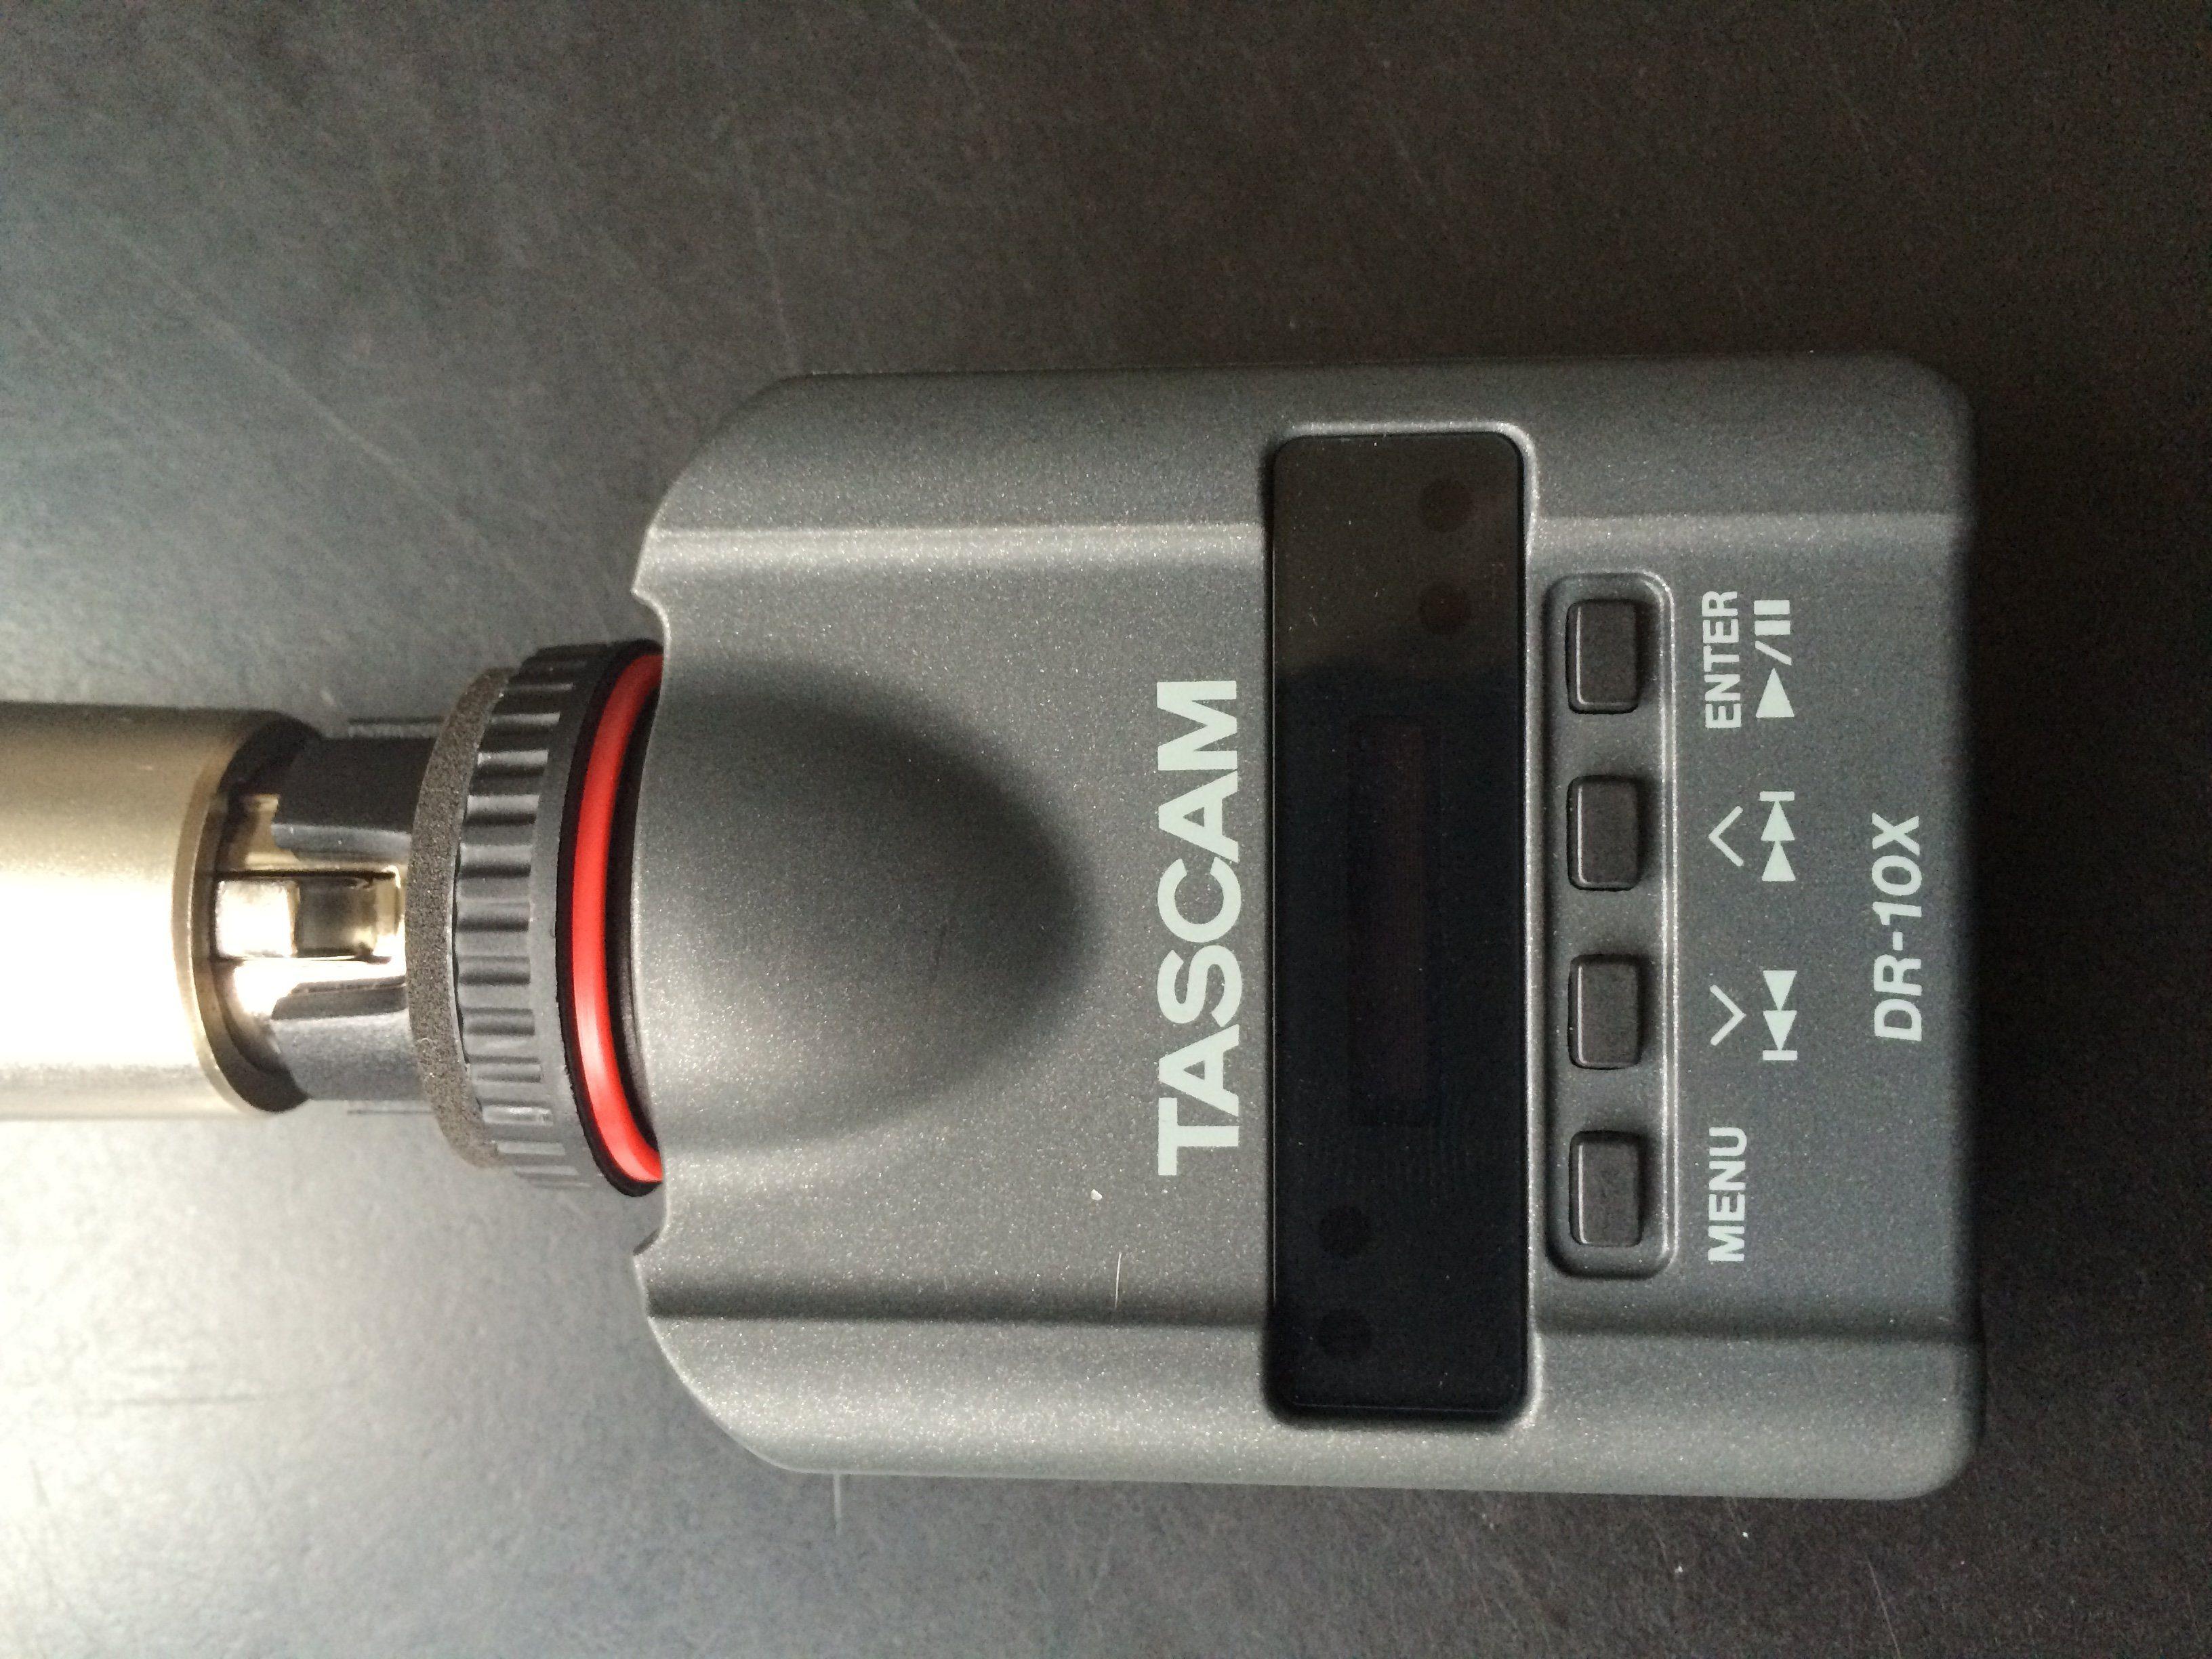 10x Diy Leer : Test tascam dr audiorecorder seite von amazona